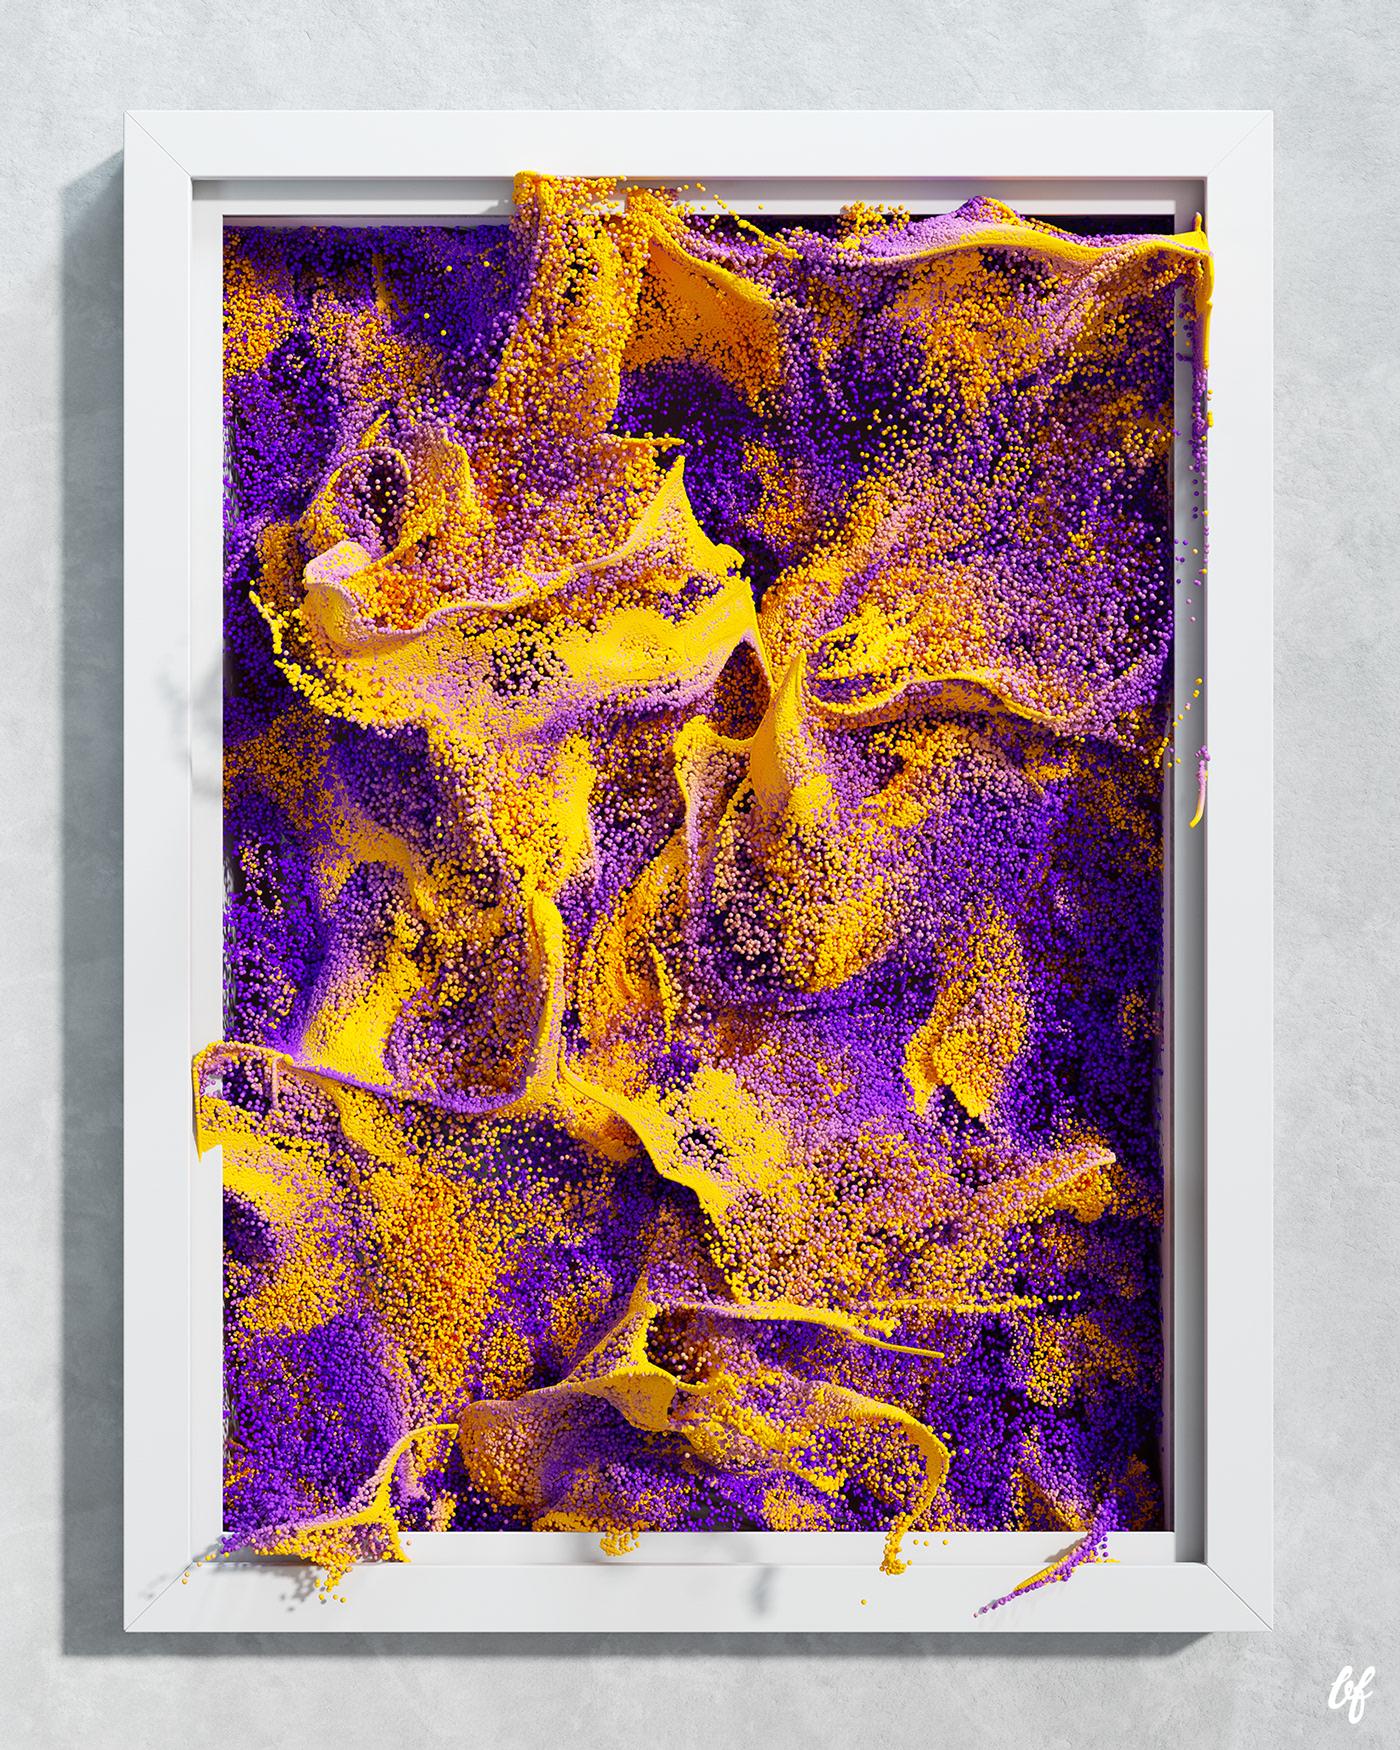 3D art CGI creative design Digital Art  living art particles shapes